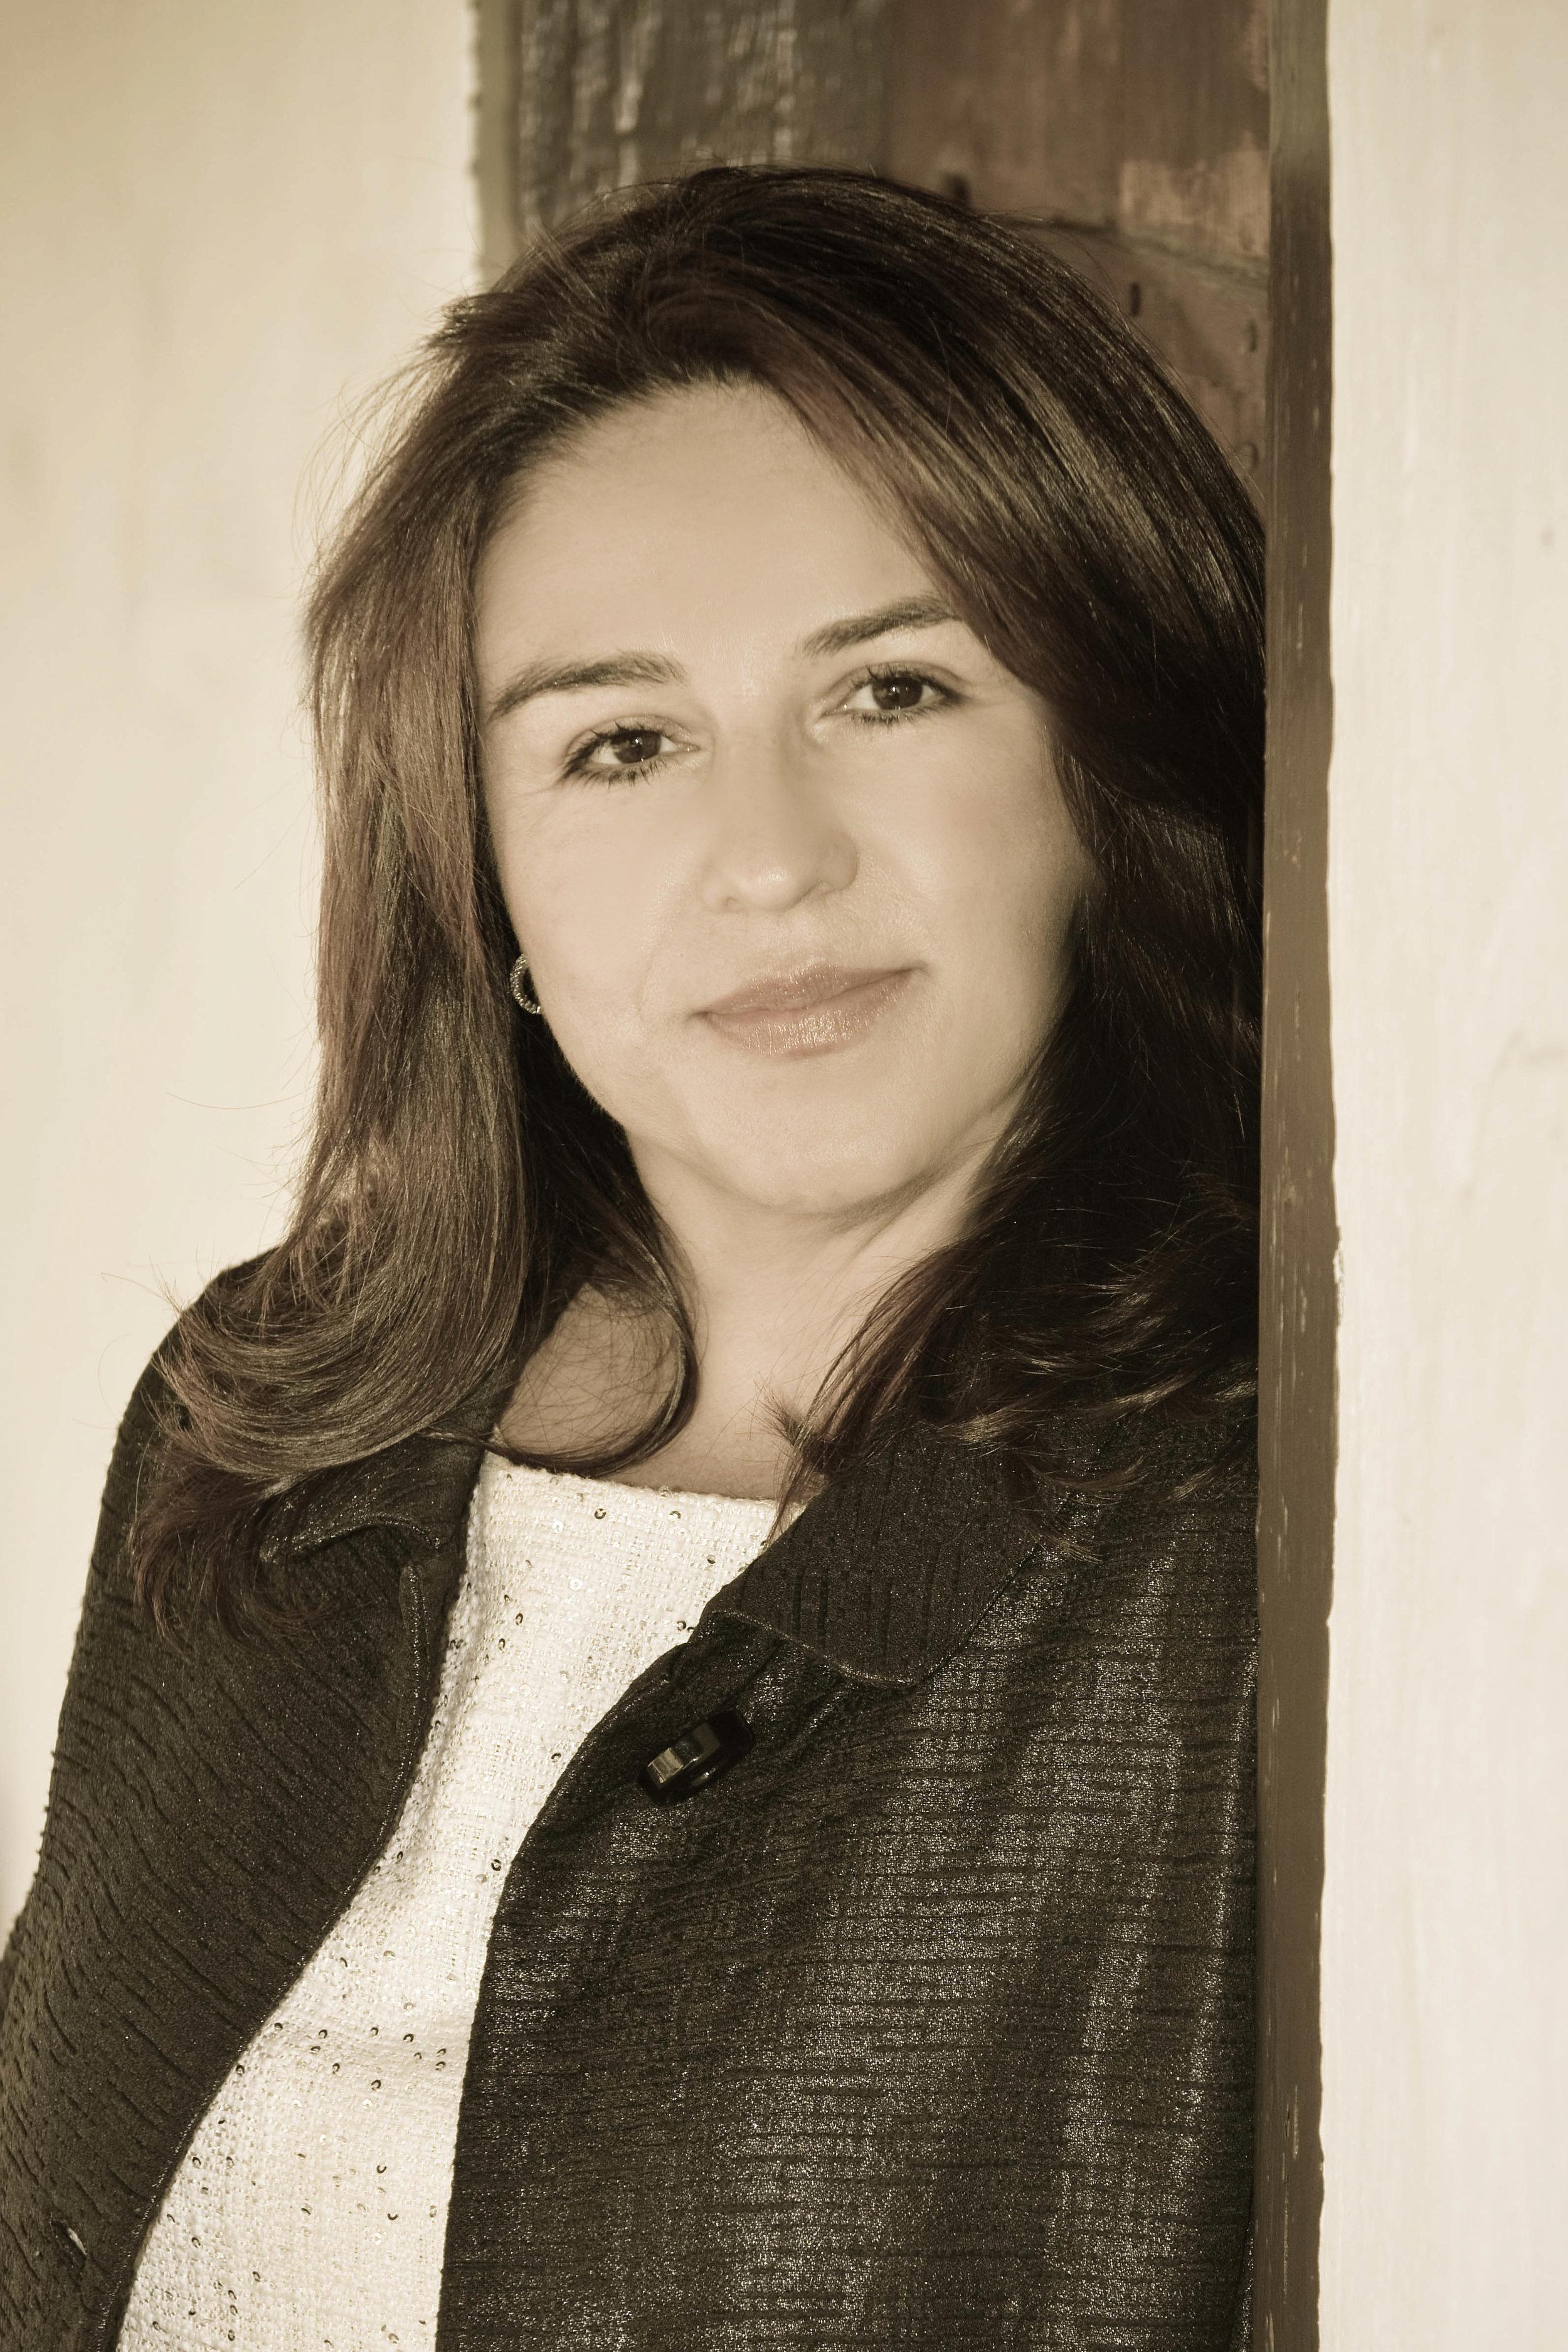 Mayra DSC_5920-2.jpg